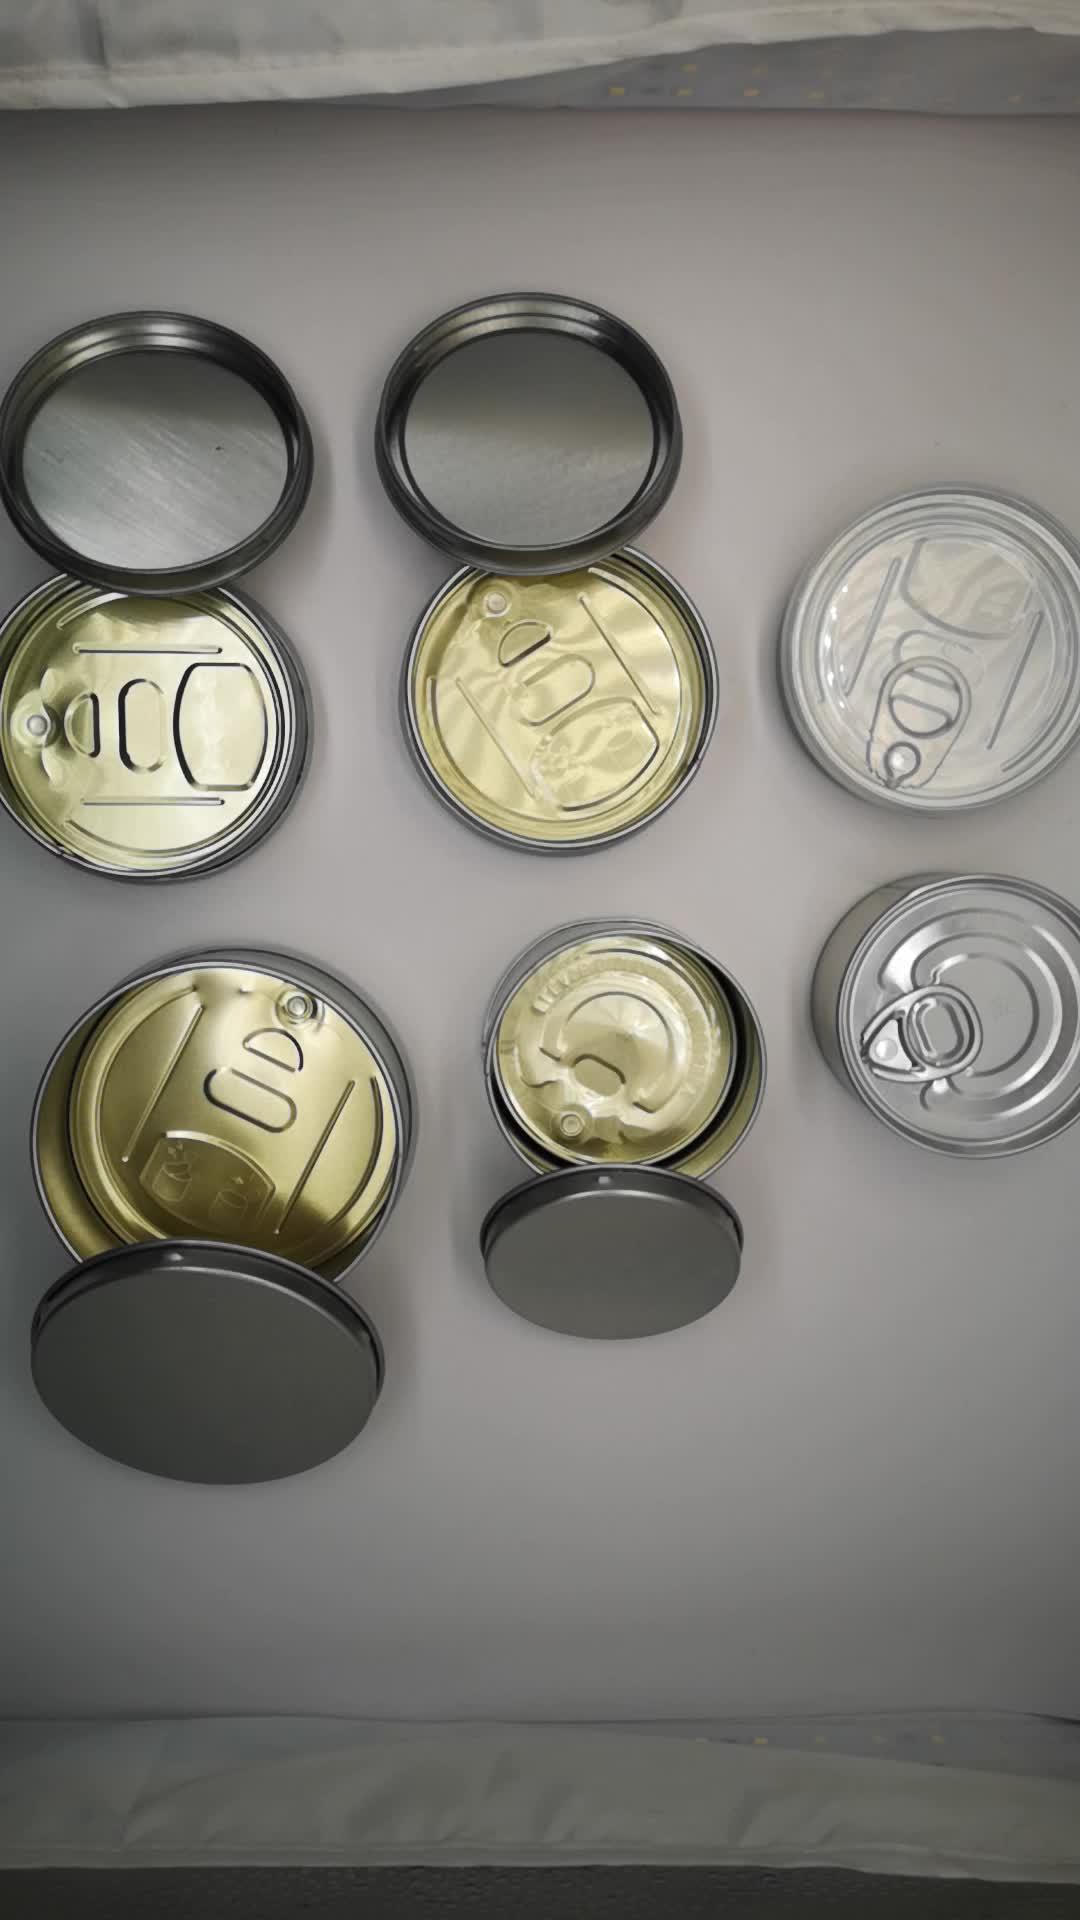 Бесплатный дизайн пользовательская печатная этикетка пластиковая жестяная банка для сухого хранения трав герметичная жестяная банка